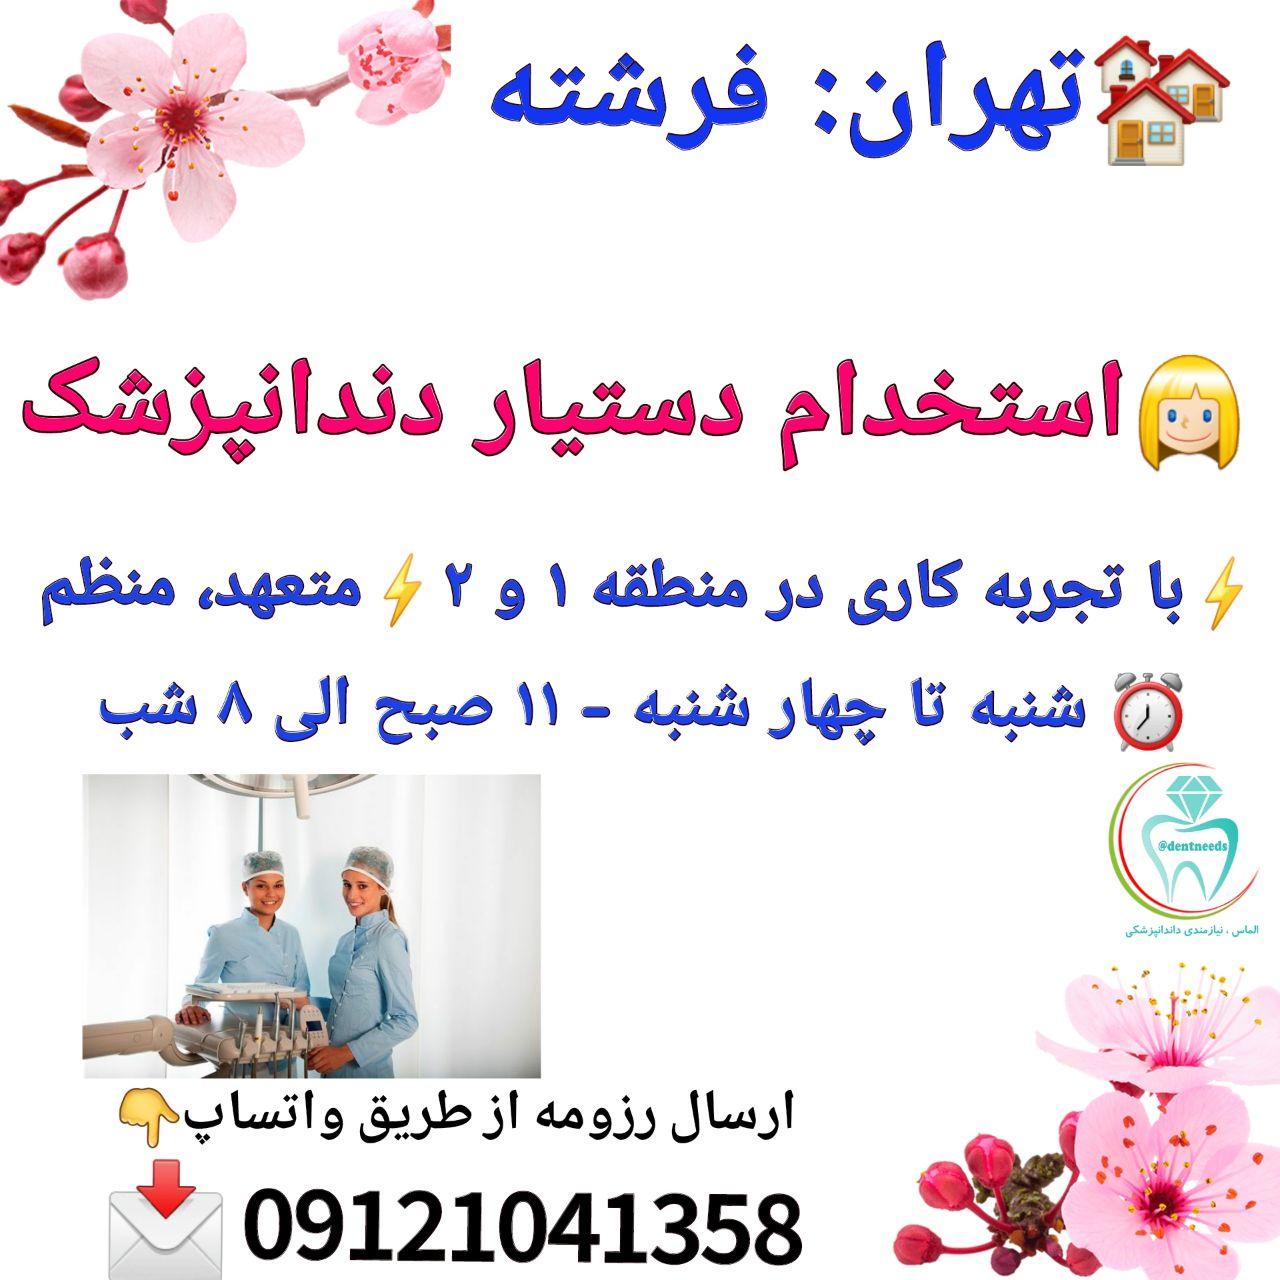 تهران: فرشته، استخدام دستیار دندانپزشک